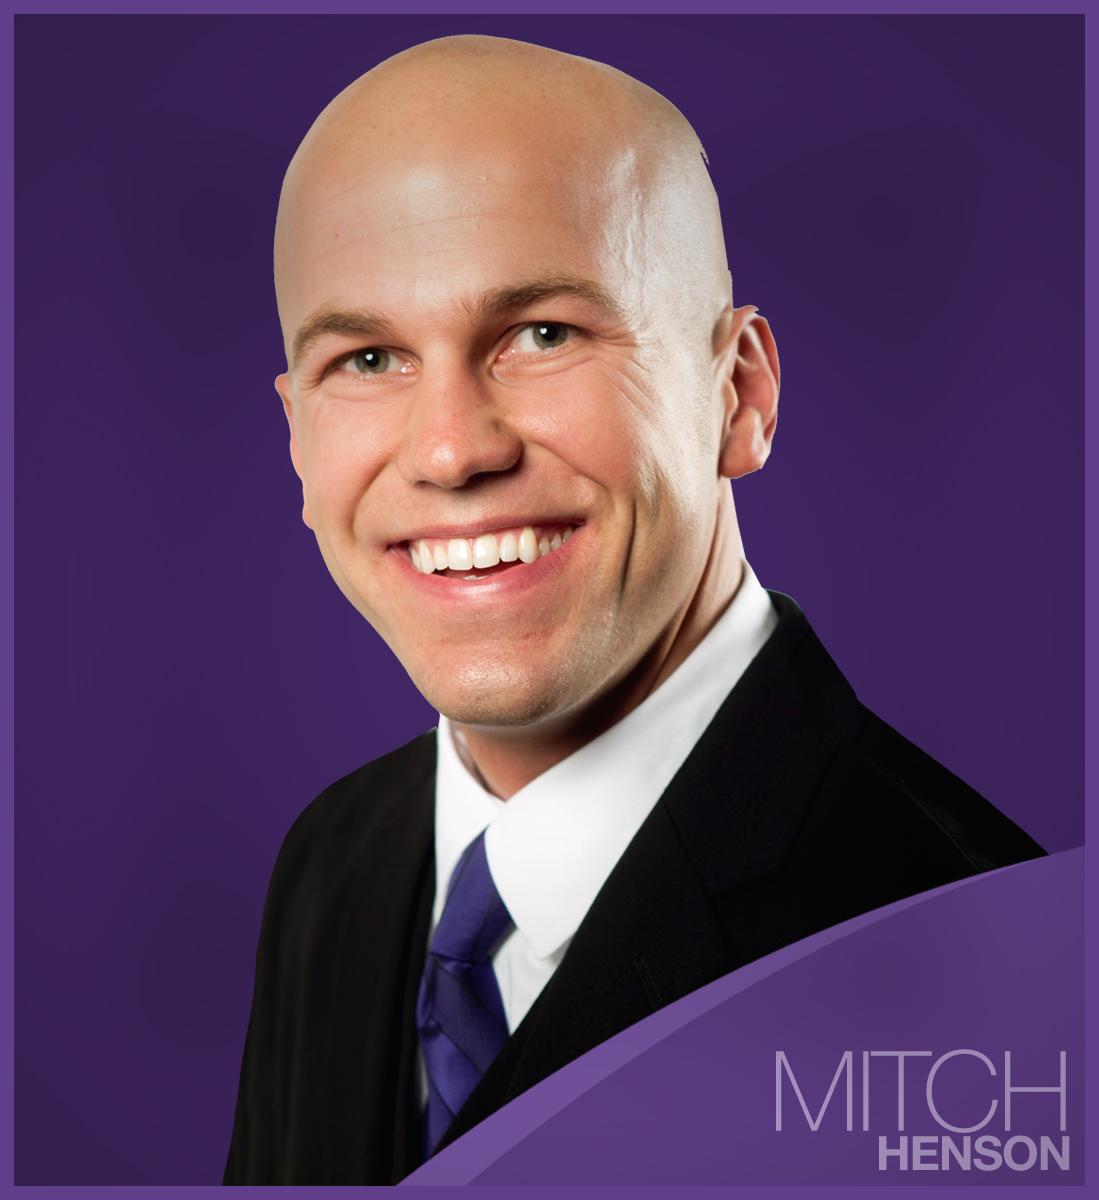 Mitch Henson